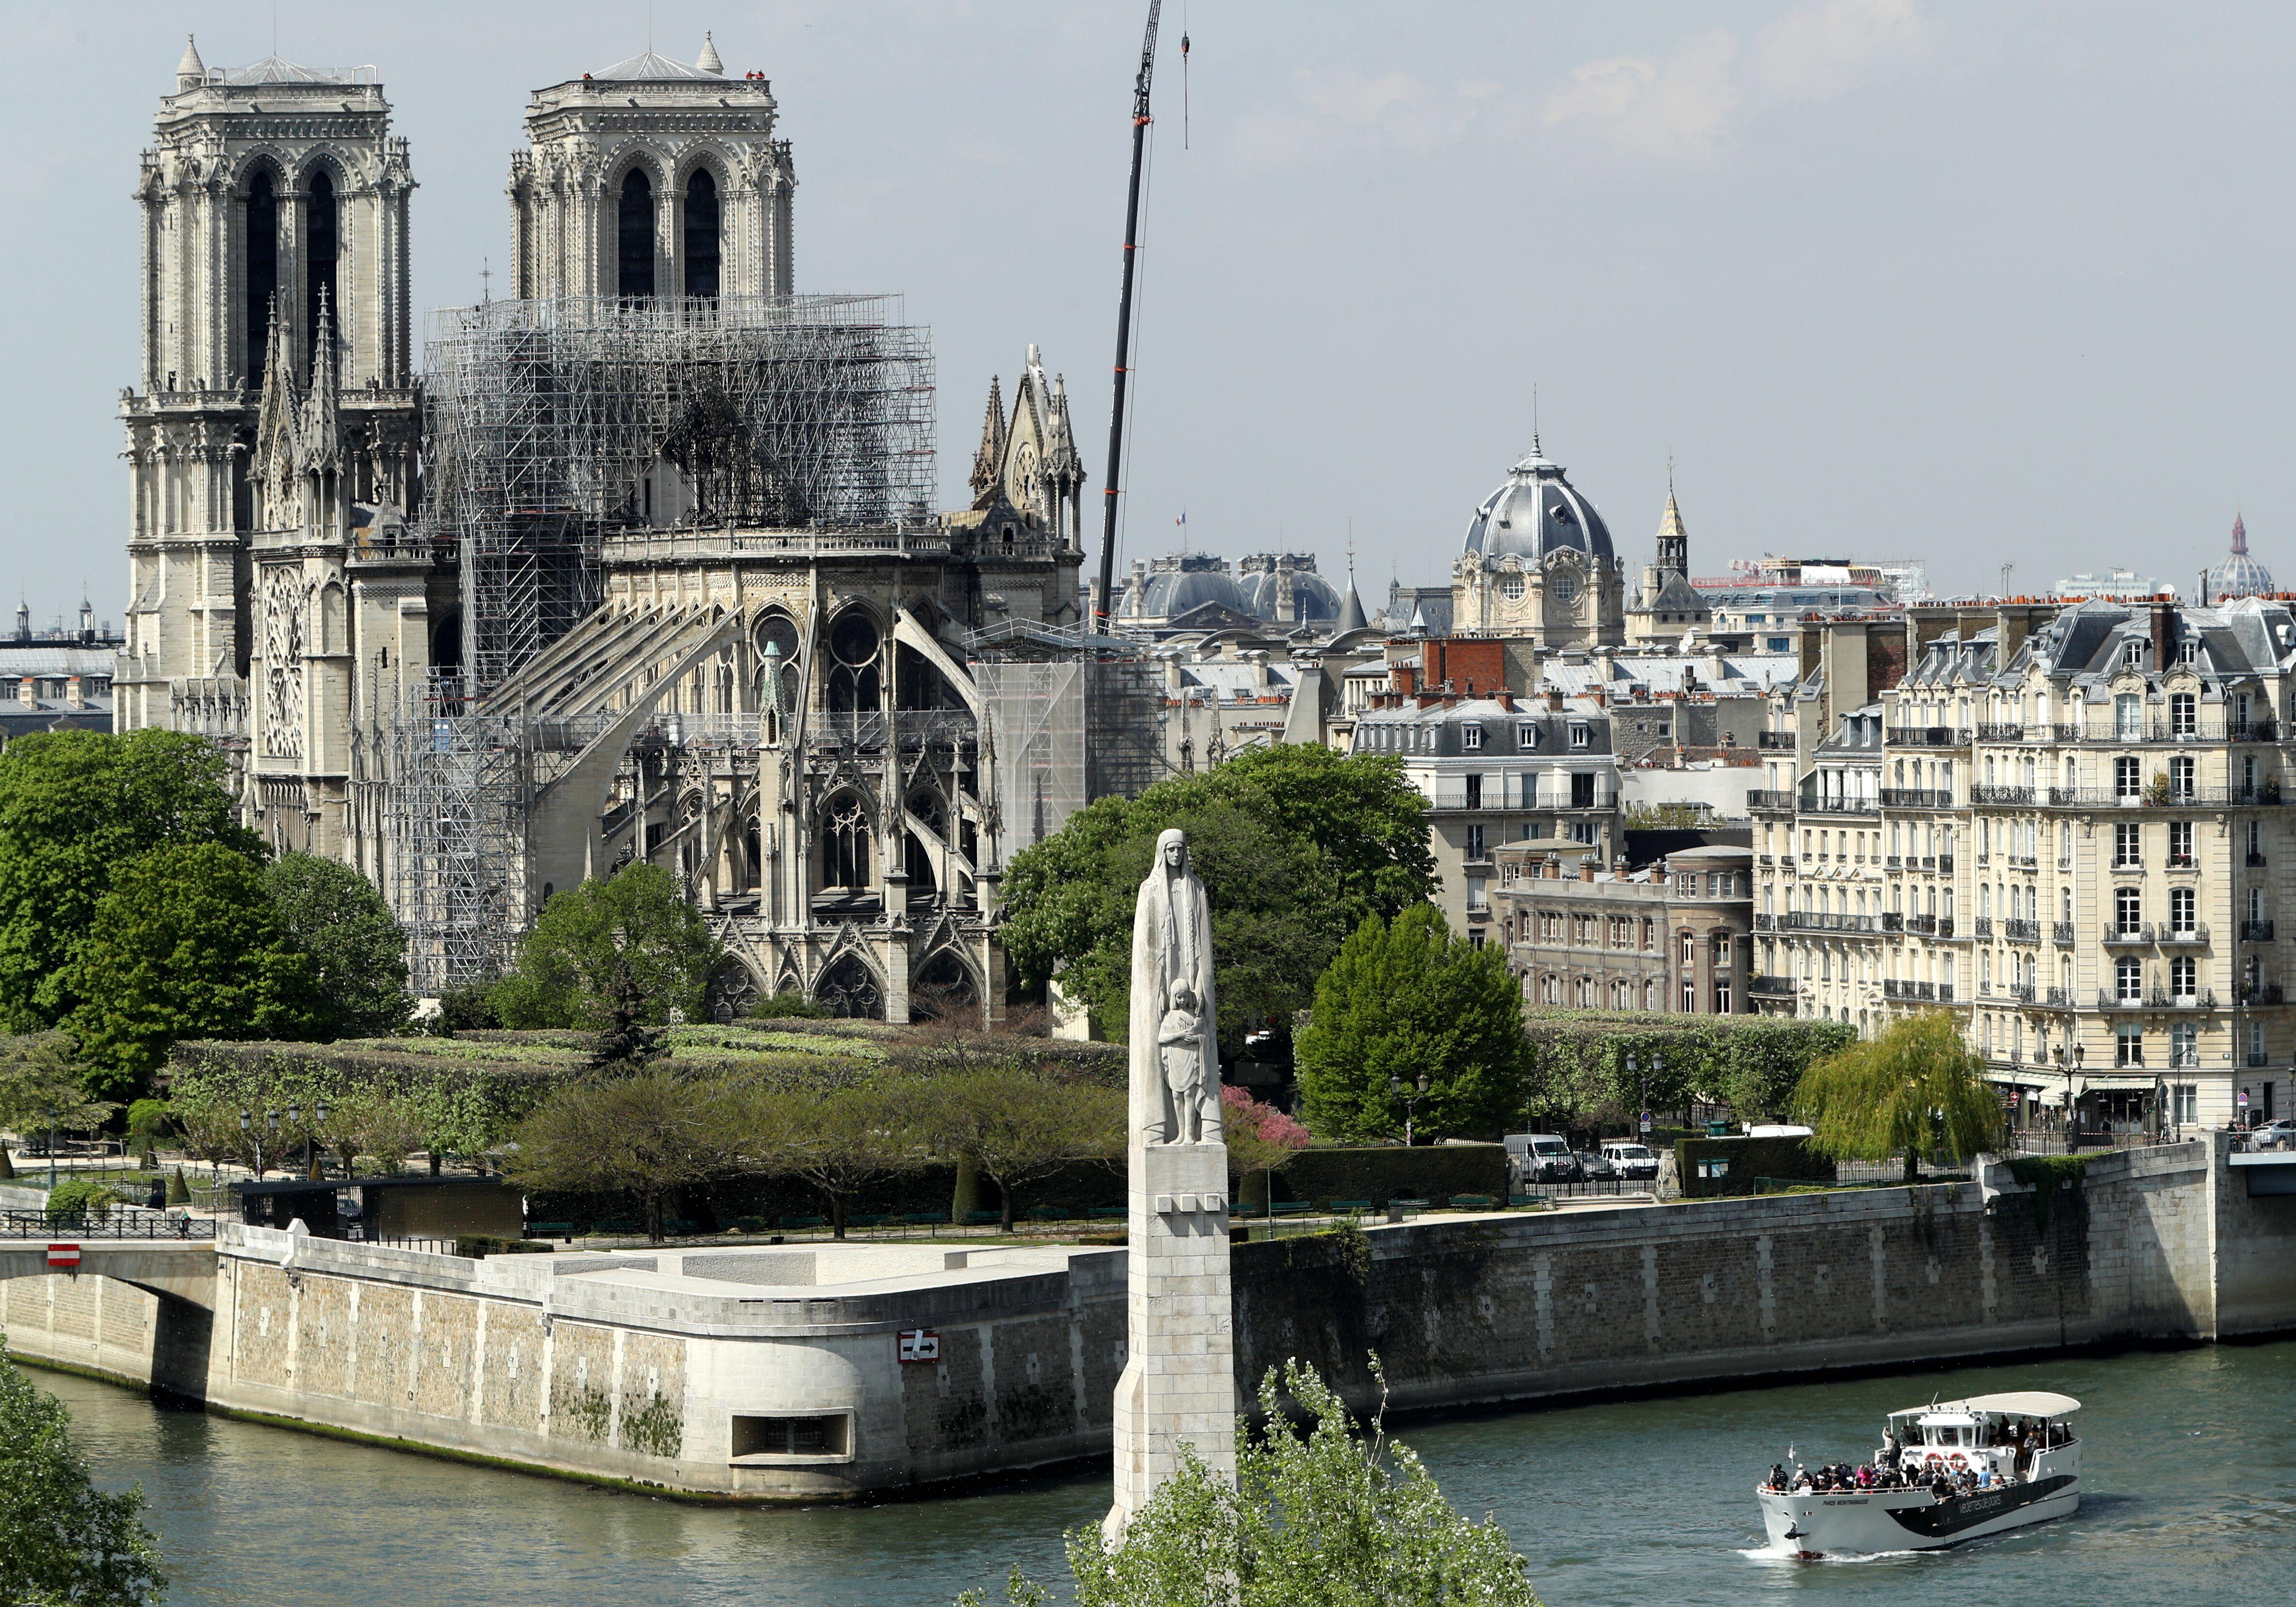 Notre-Dame après l'incendie   Source : Getty Images